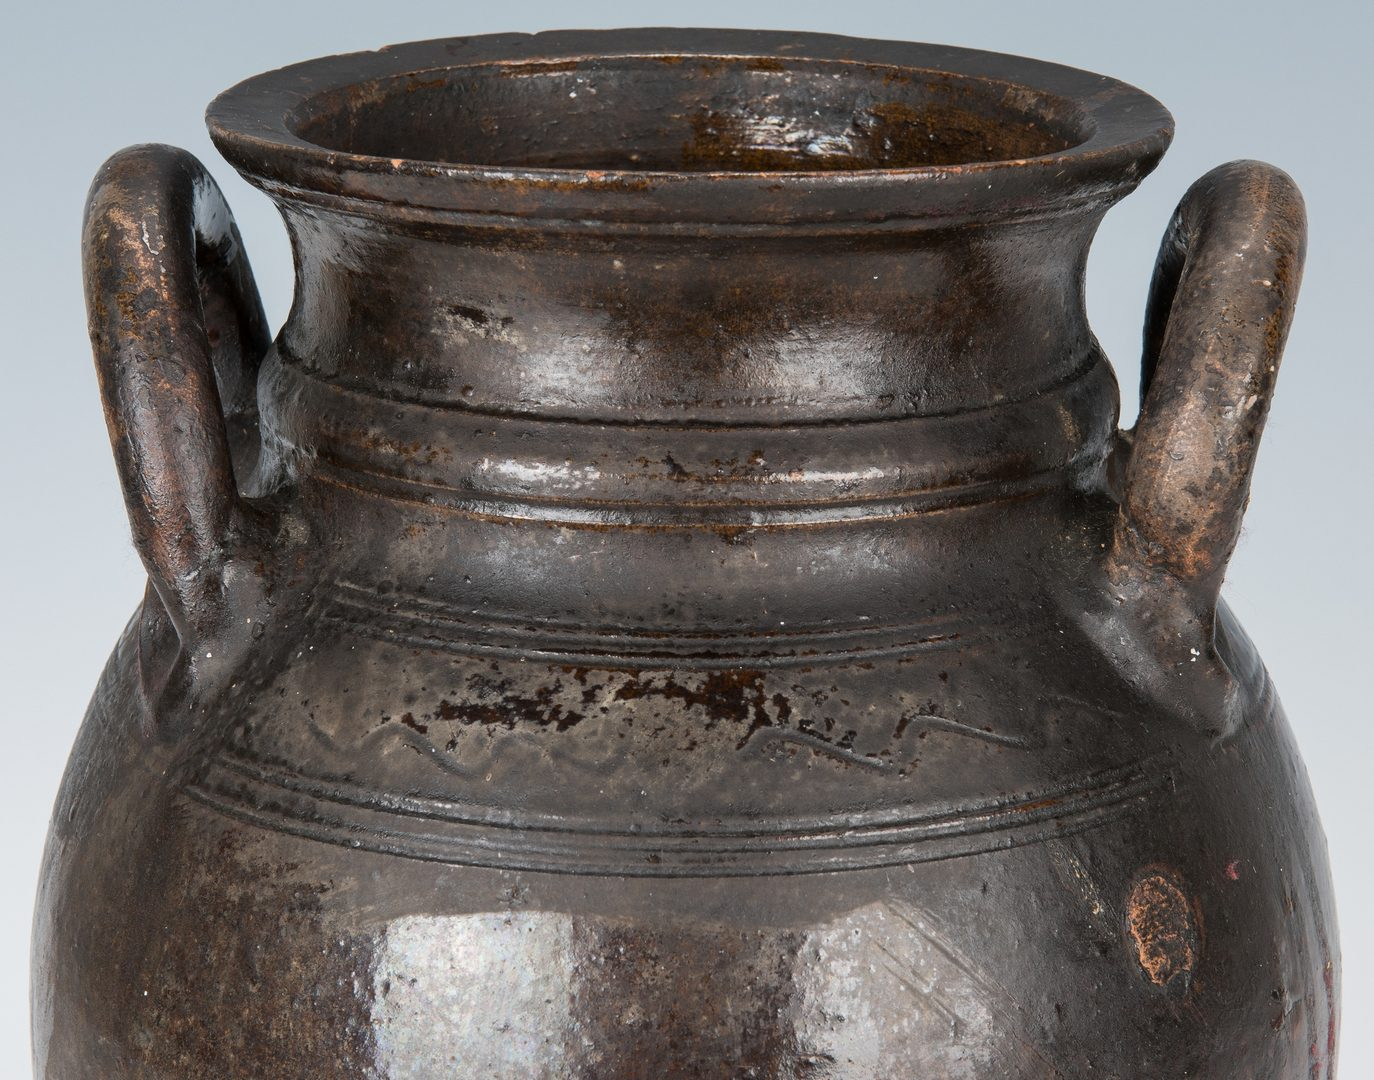 Lot 158: Southwest VA Earthenware Lead-Glazed Jar